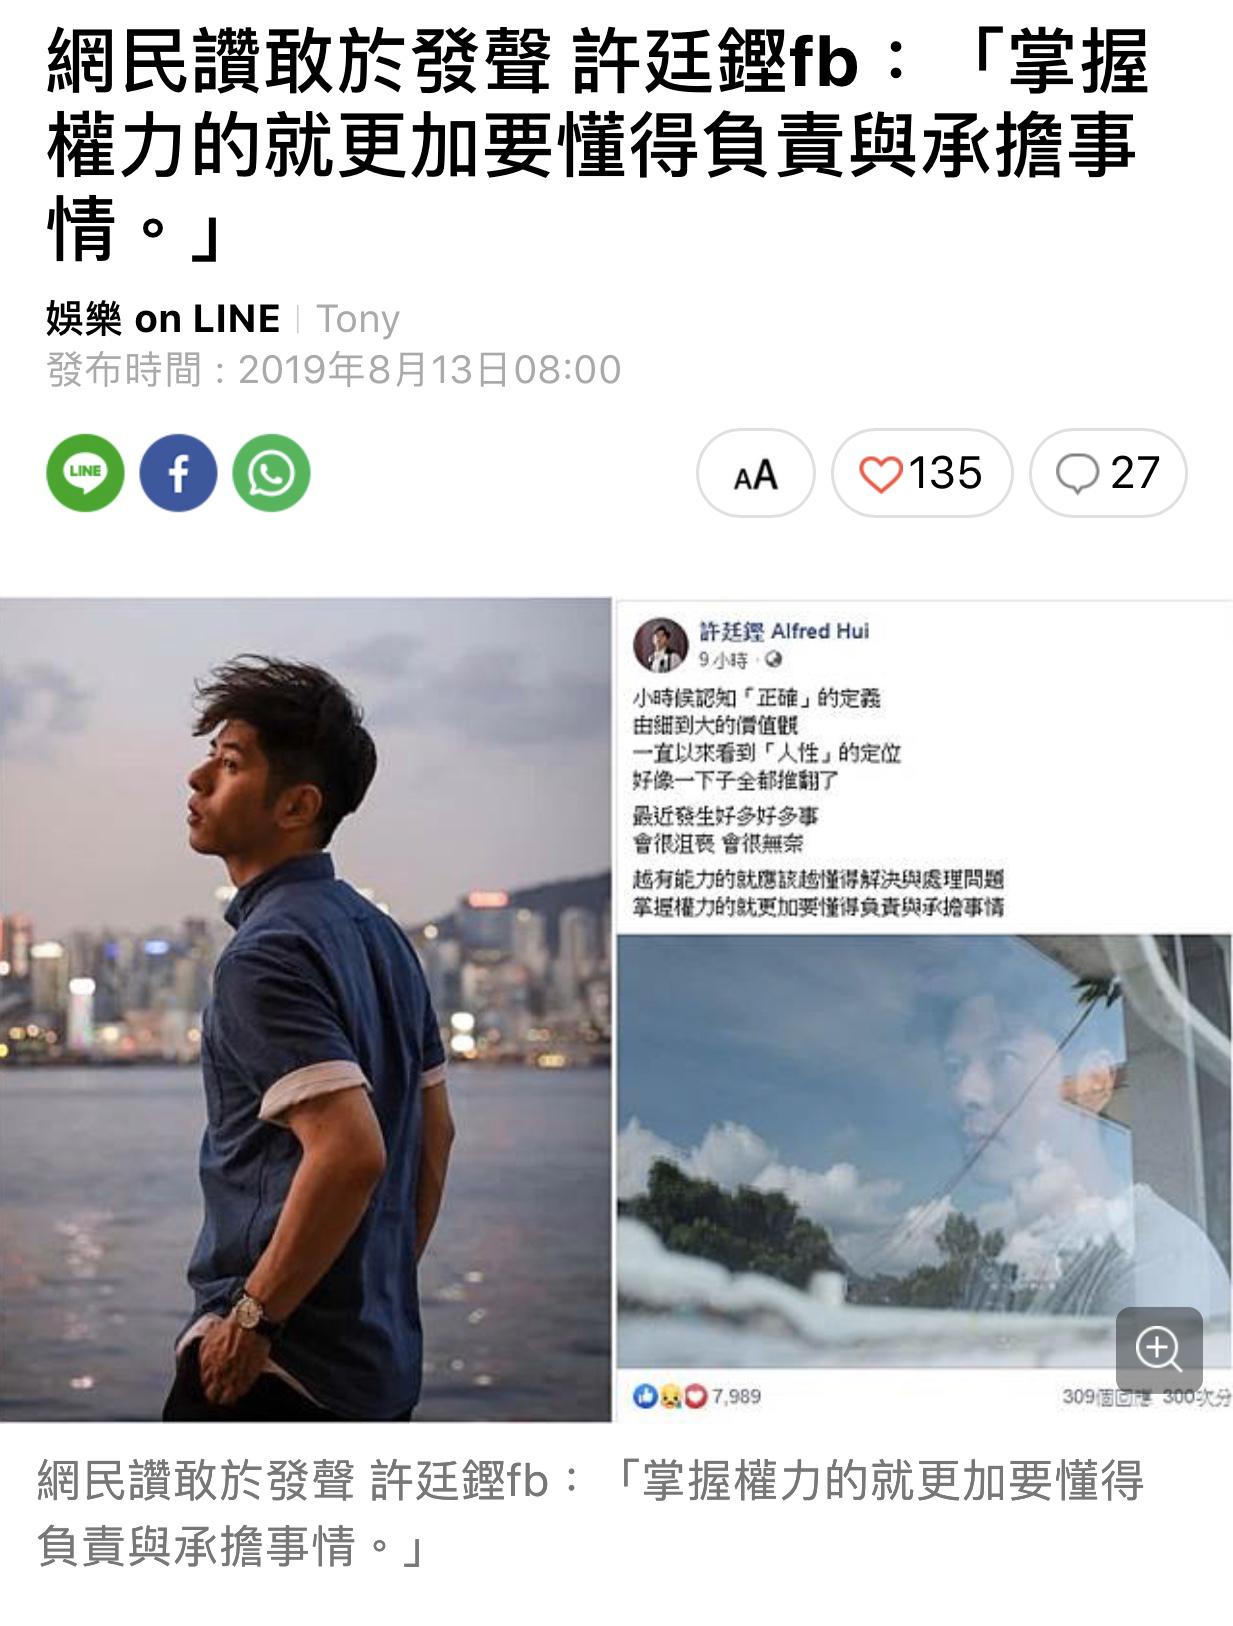 周柏豪、胡鴻鈞終極染藍!主唱「香港再出發」主題曲 | LIHKG 討論區